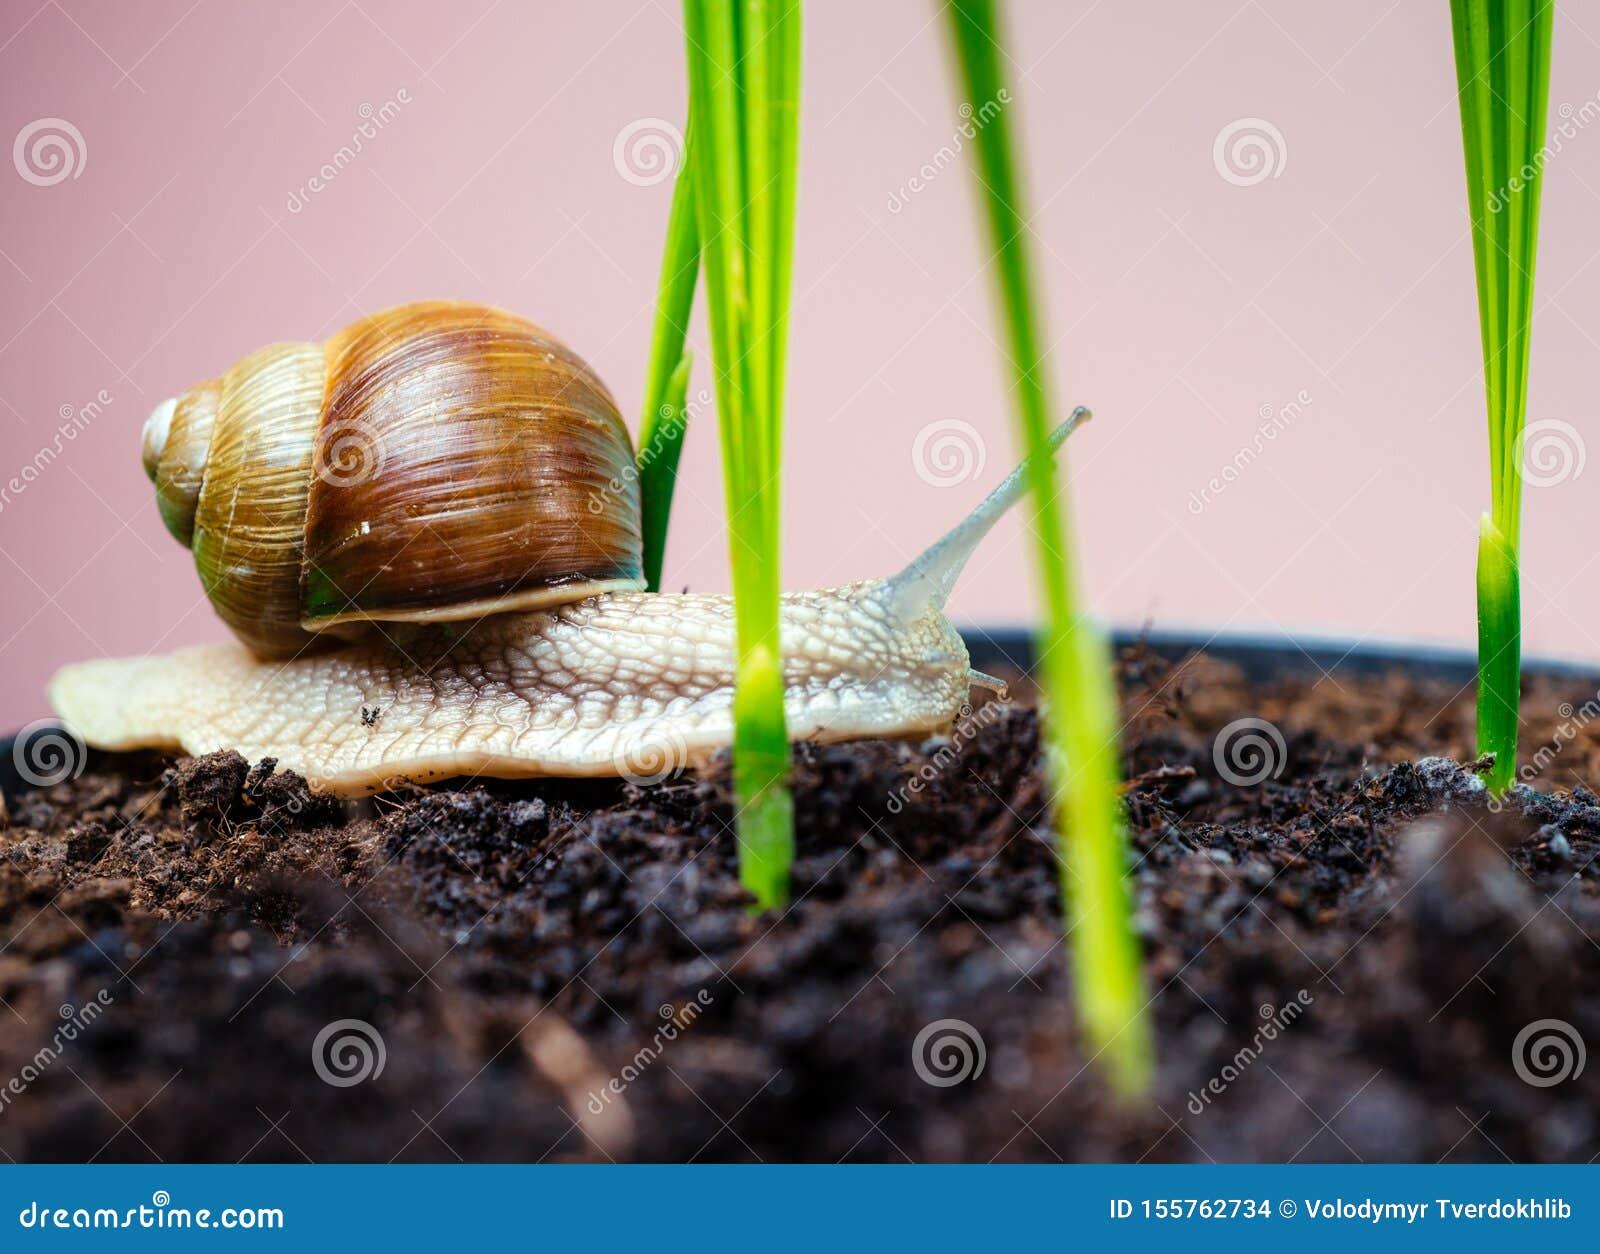 Aanbiddelijke slak dichte omhooggaand Weinig slijm met shell of slak in installatiepot Helend slijm Schoonheidsmiddelen en slaksl